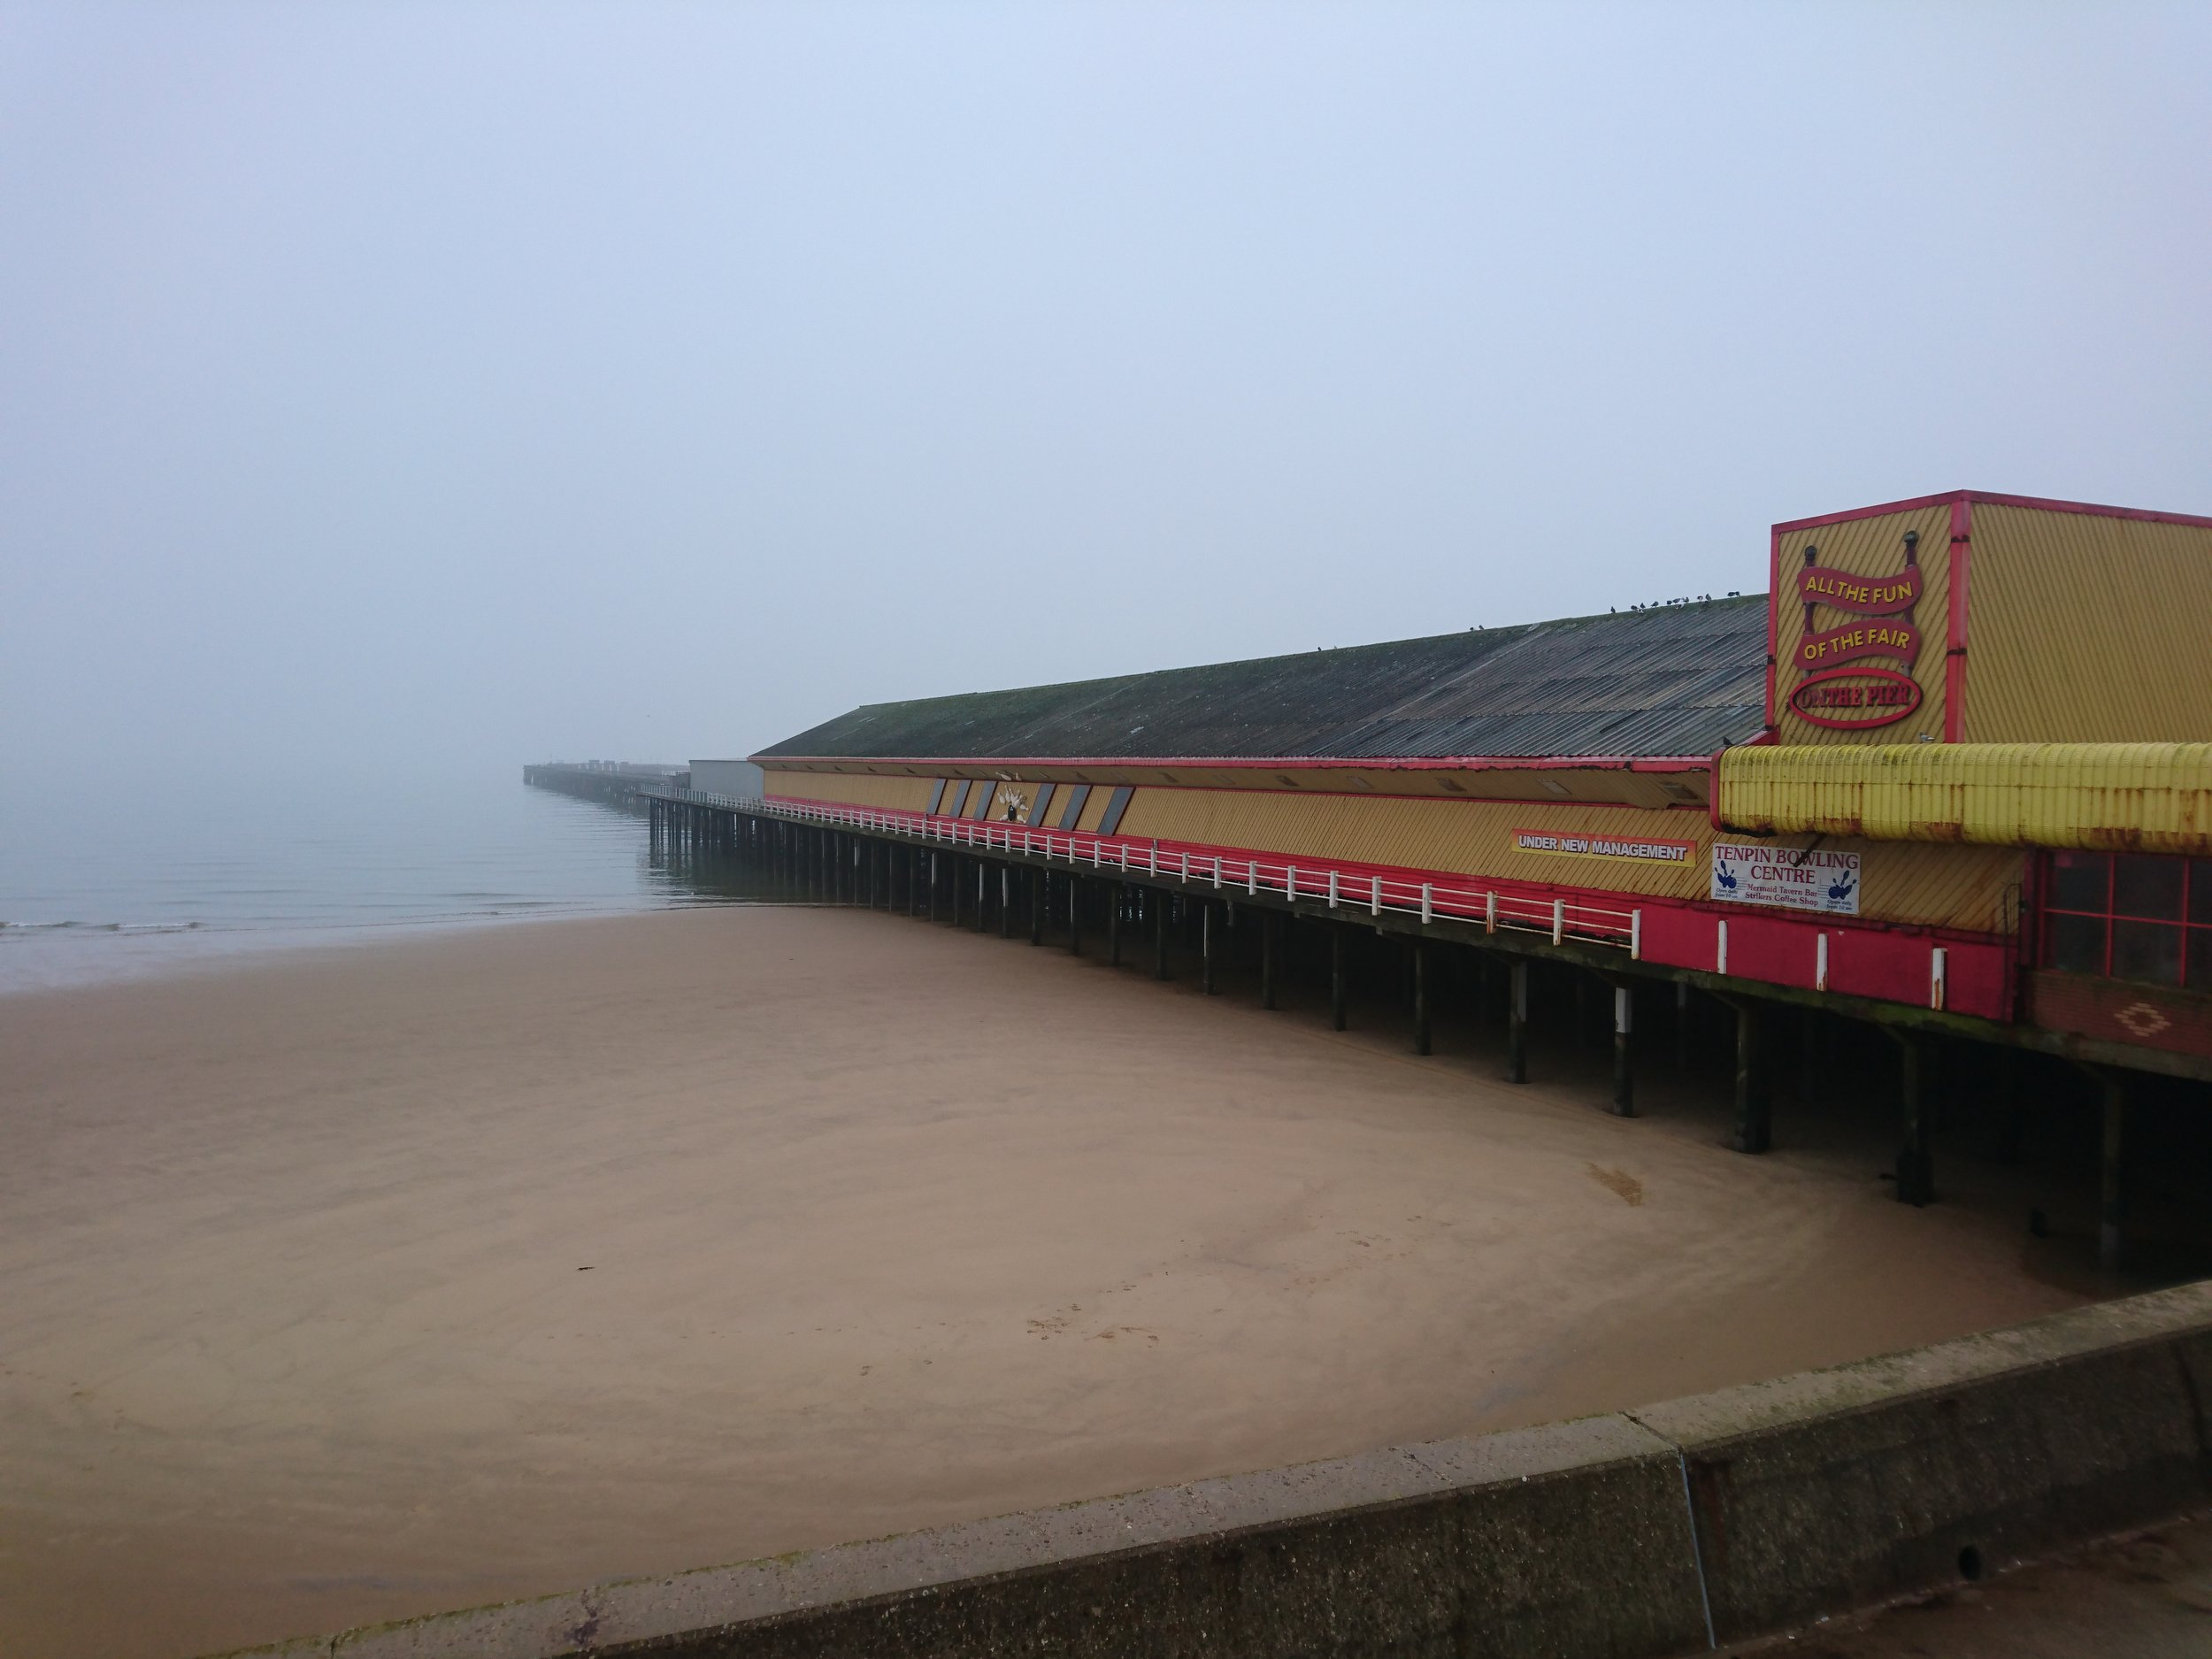 New Walton Pier